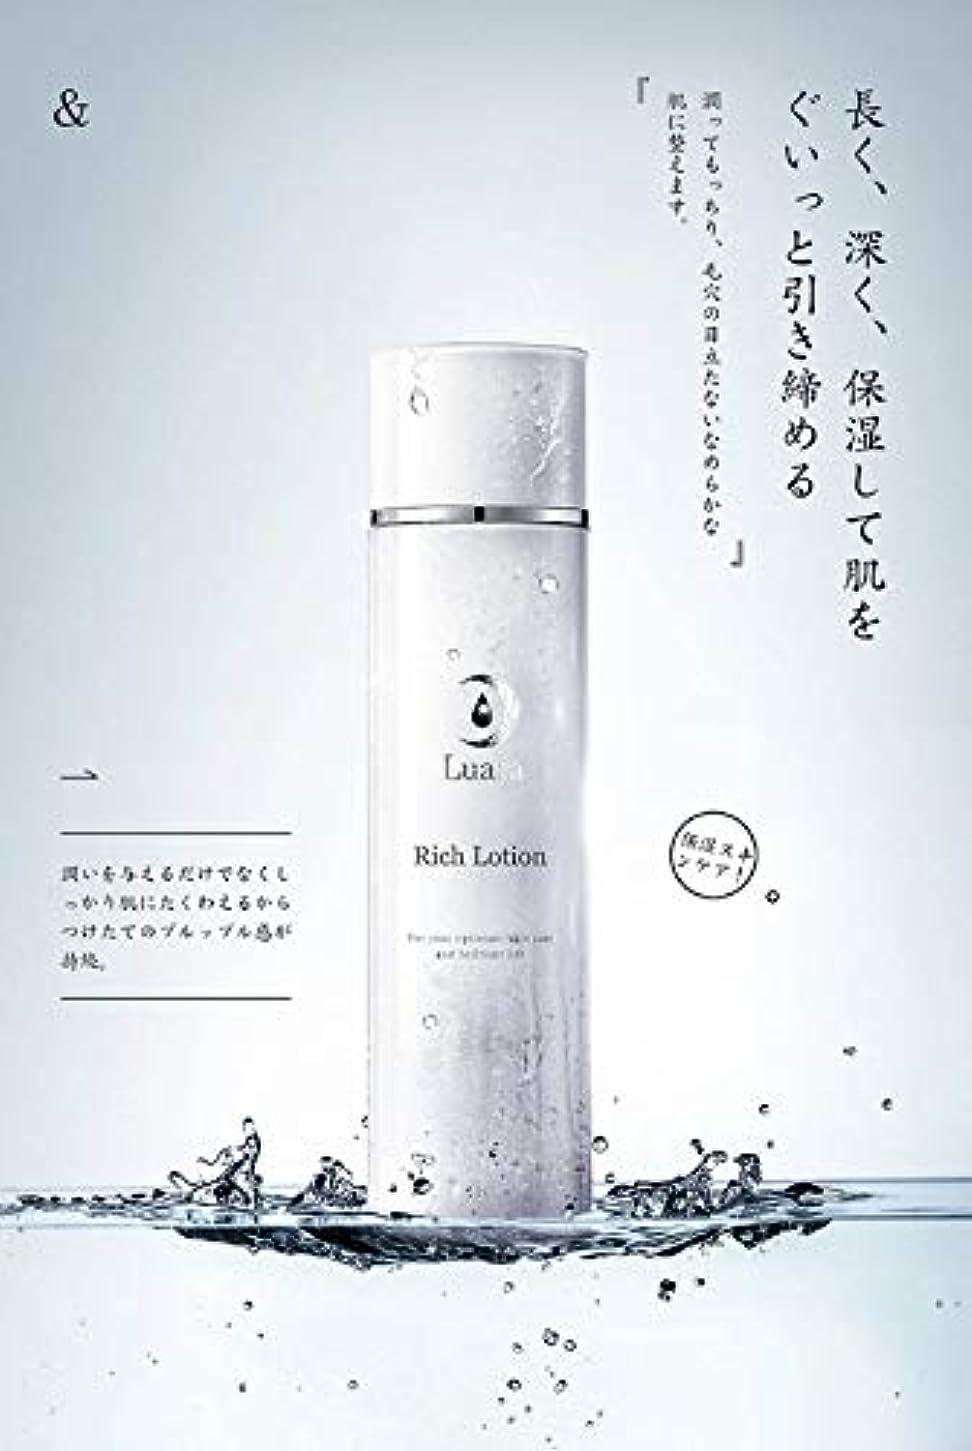 はぁパールメロンLuara ルアラ リッチローション 化粧水150ml (luara肌底液同系列)